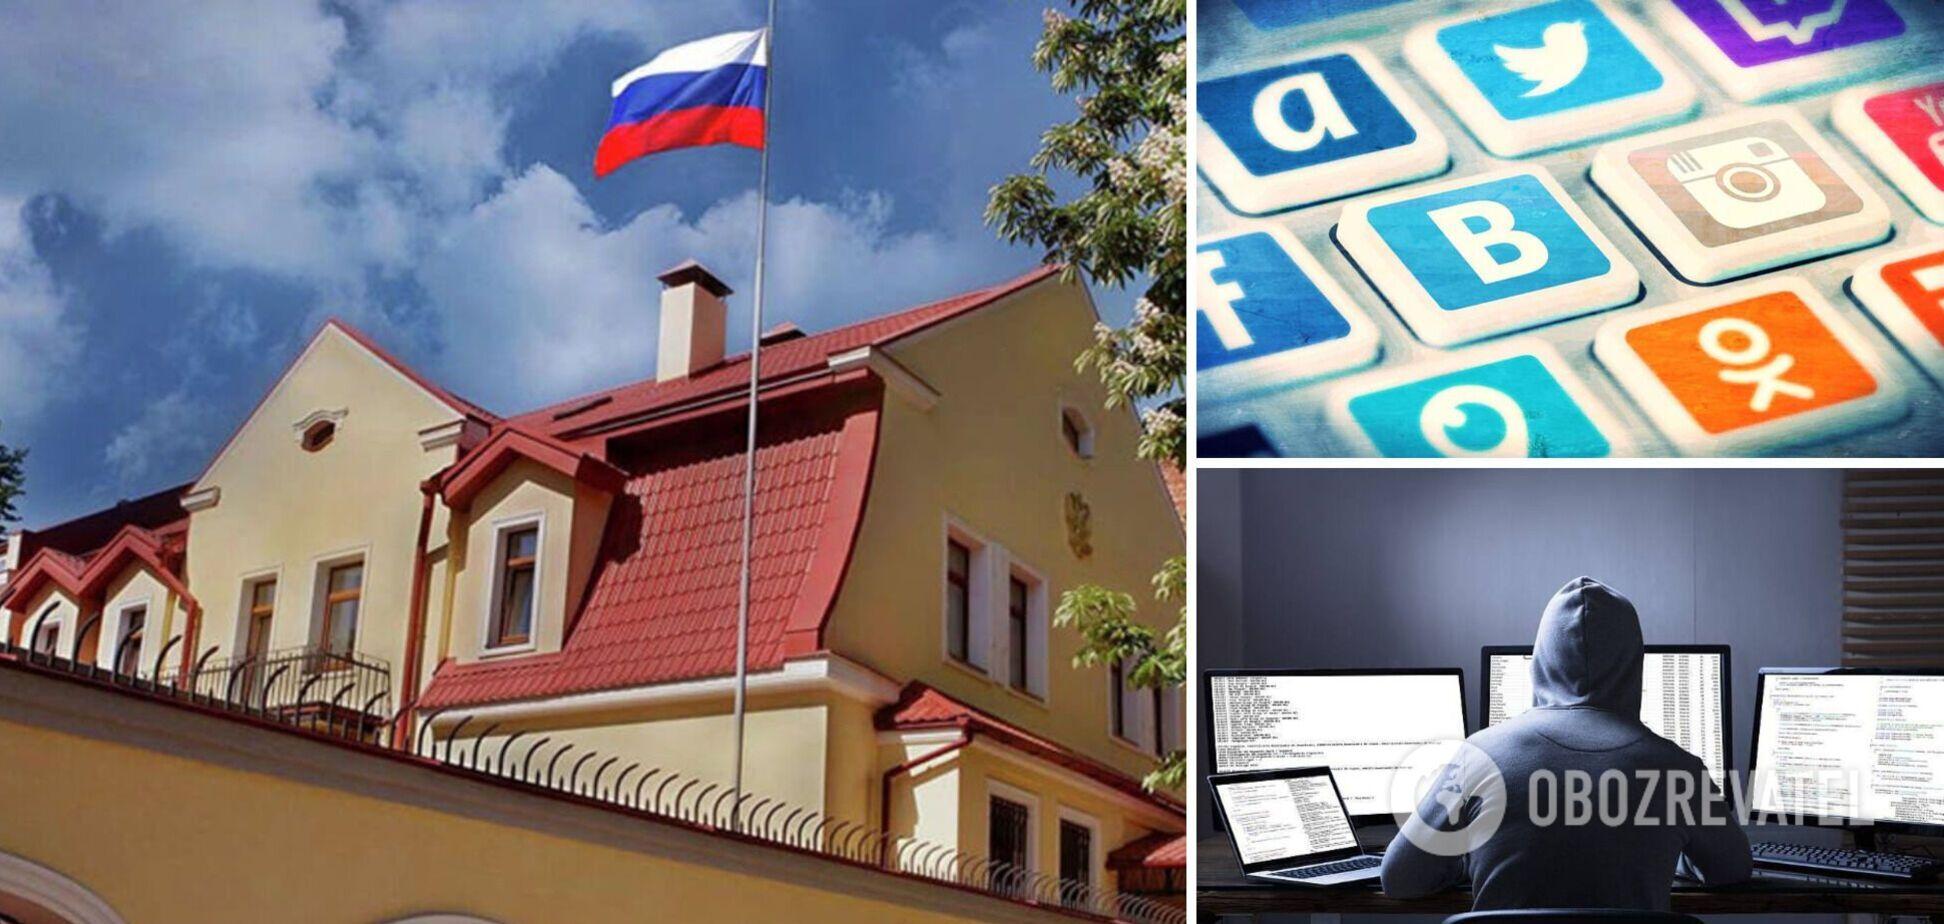 14 октября были взломаны аккаунты в соцсетях Генконсульства РФ в Харькове